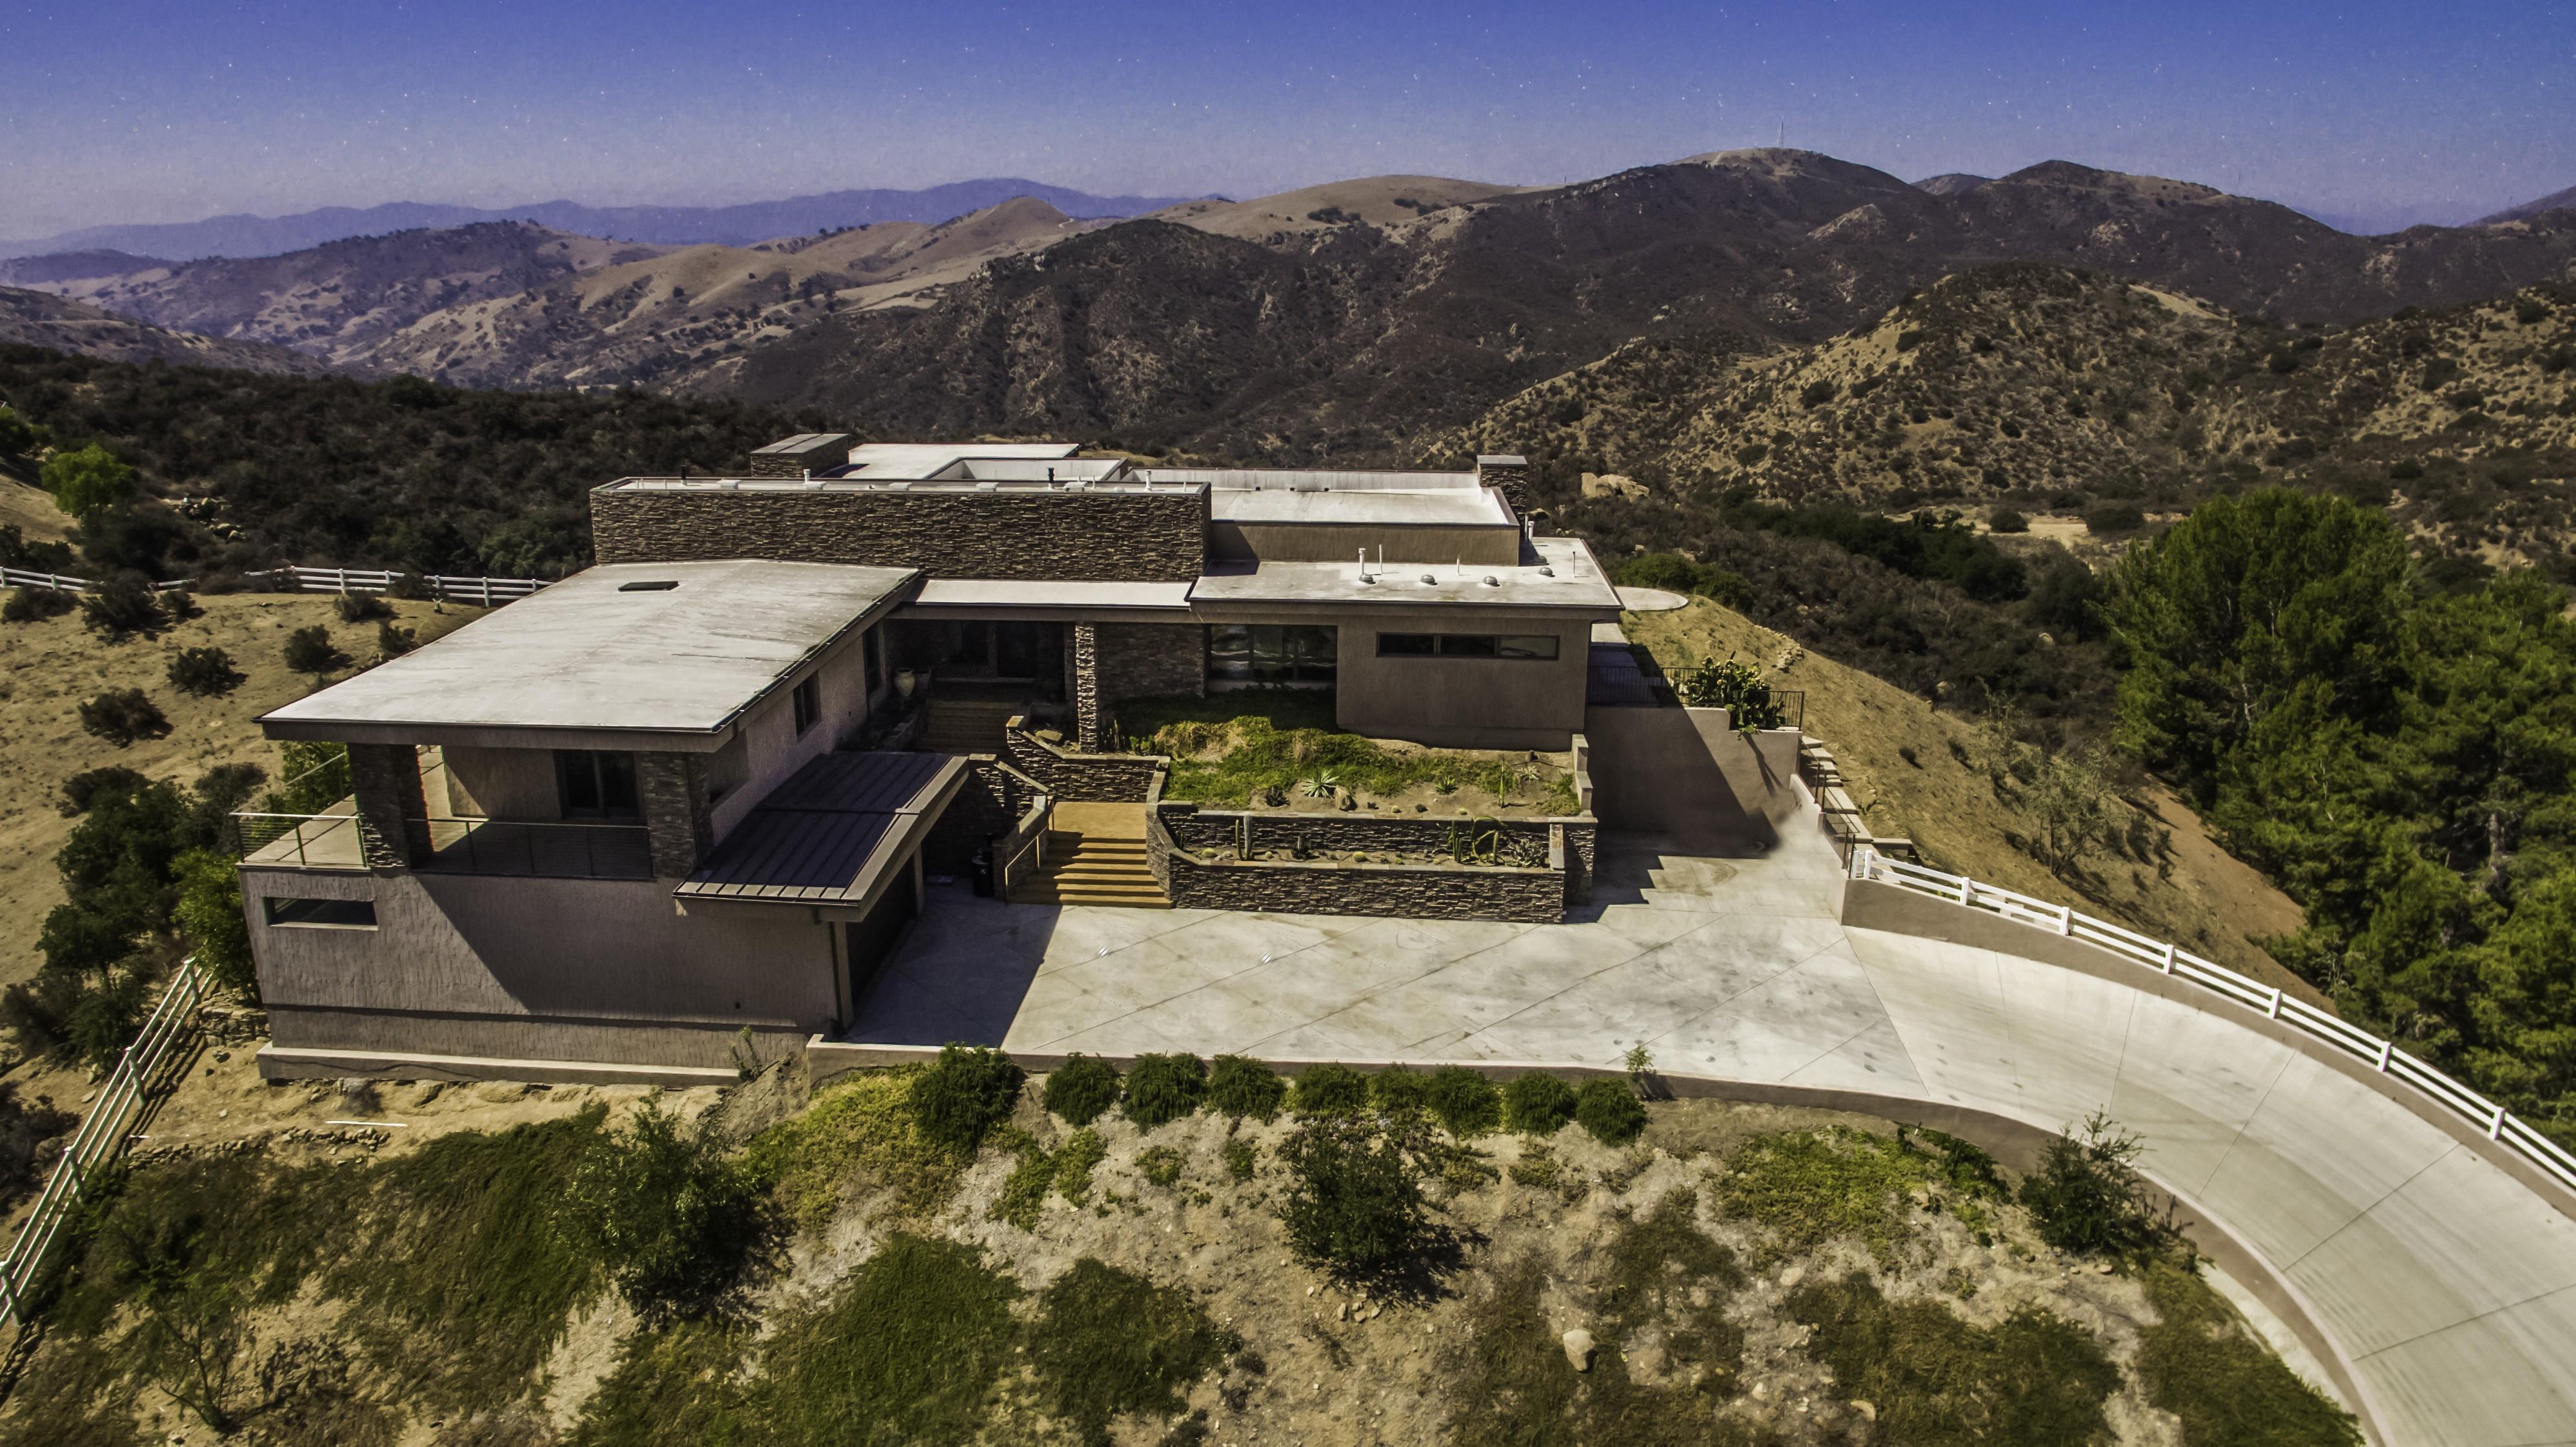 Maison unifamiliale pour l Vente à 9 Morgan Rd. Bell Canyon, Californie, 91307 États-Unis